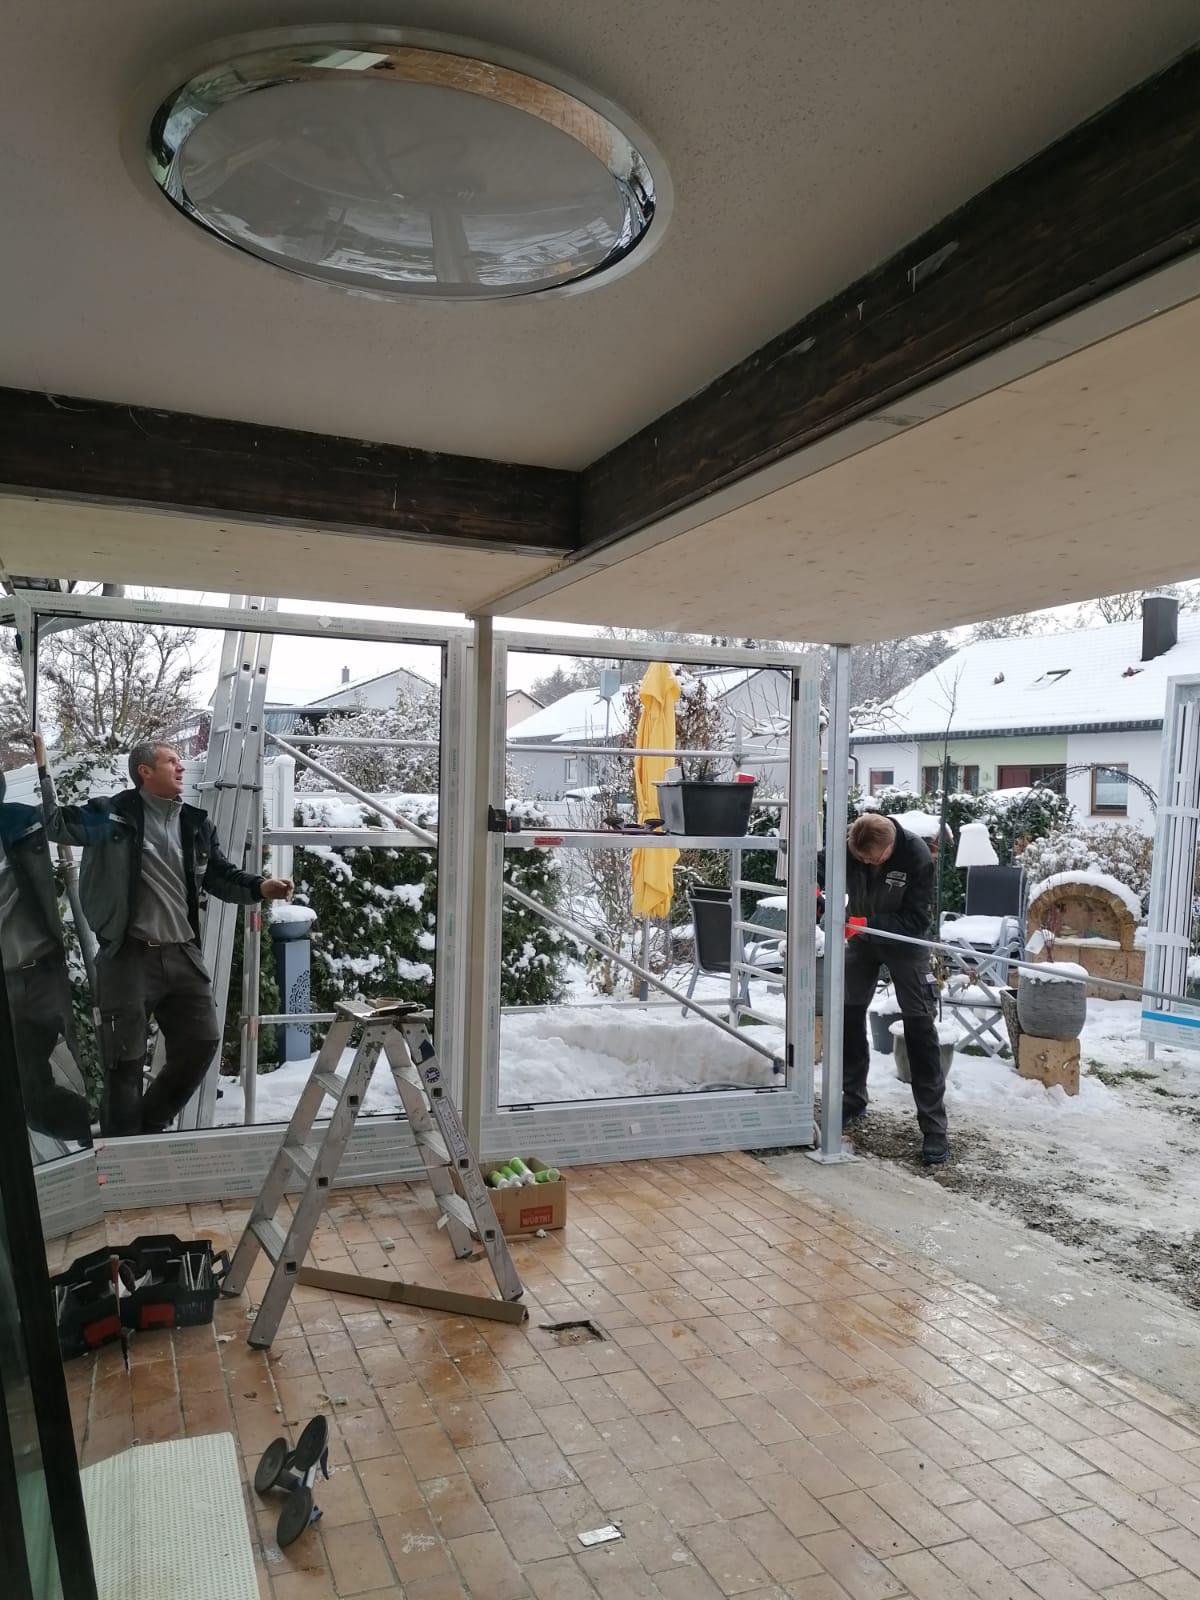 Einsetzen neuer Fensterelemente mit 3-fach Isolierverglasung